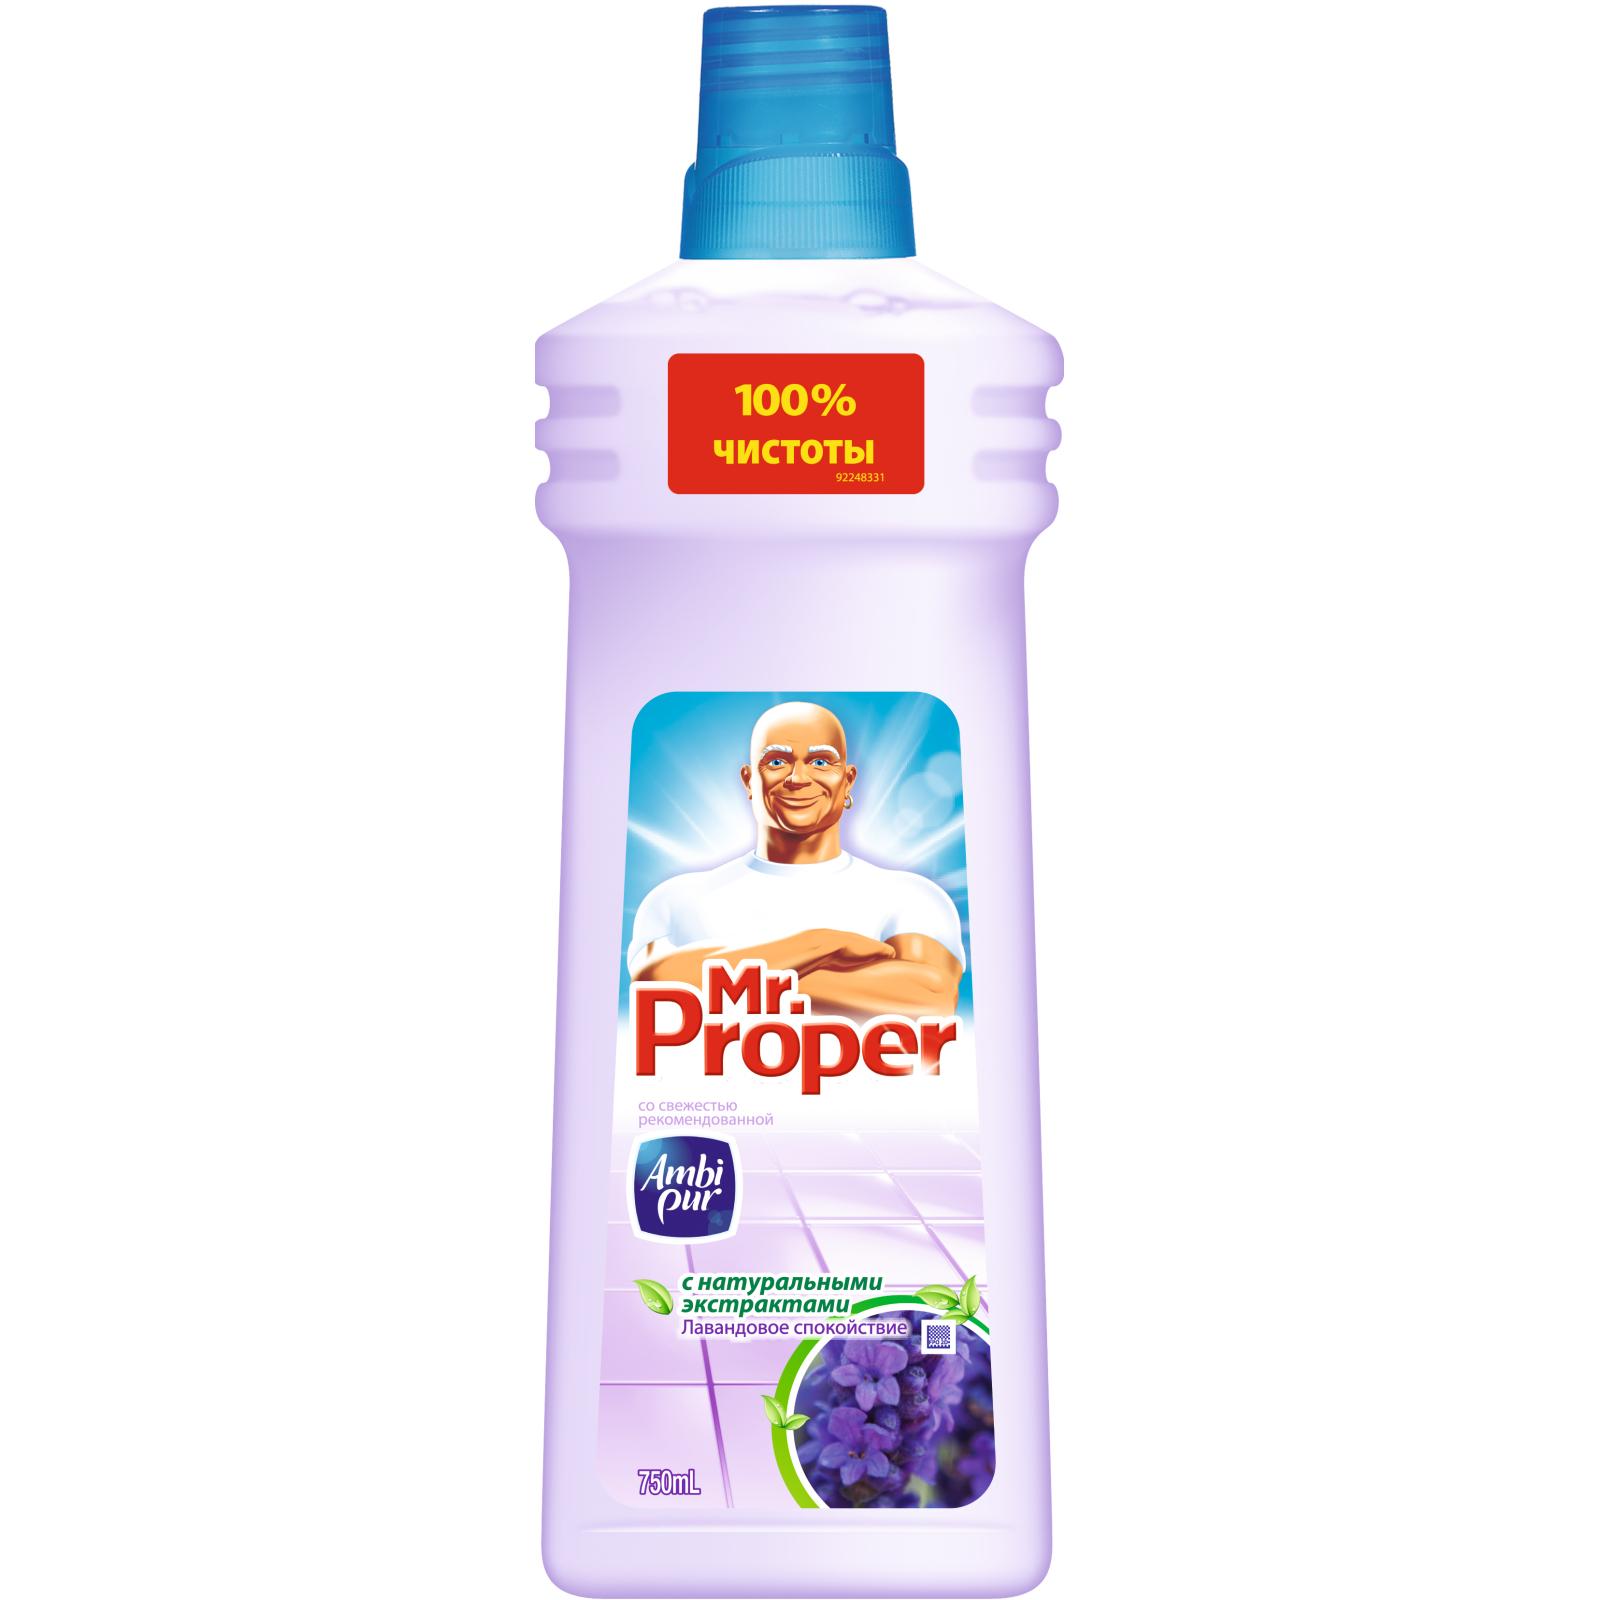 Моющая жидкость для уборки Mr. Proper для полов и стен Лавандовое Спокойствие 750 мл (5413149819191)